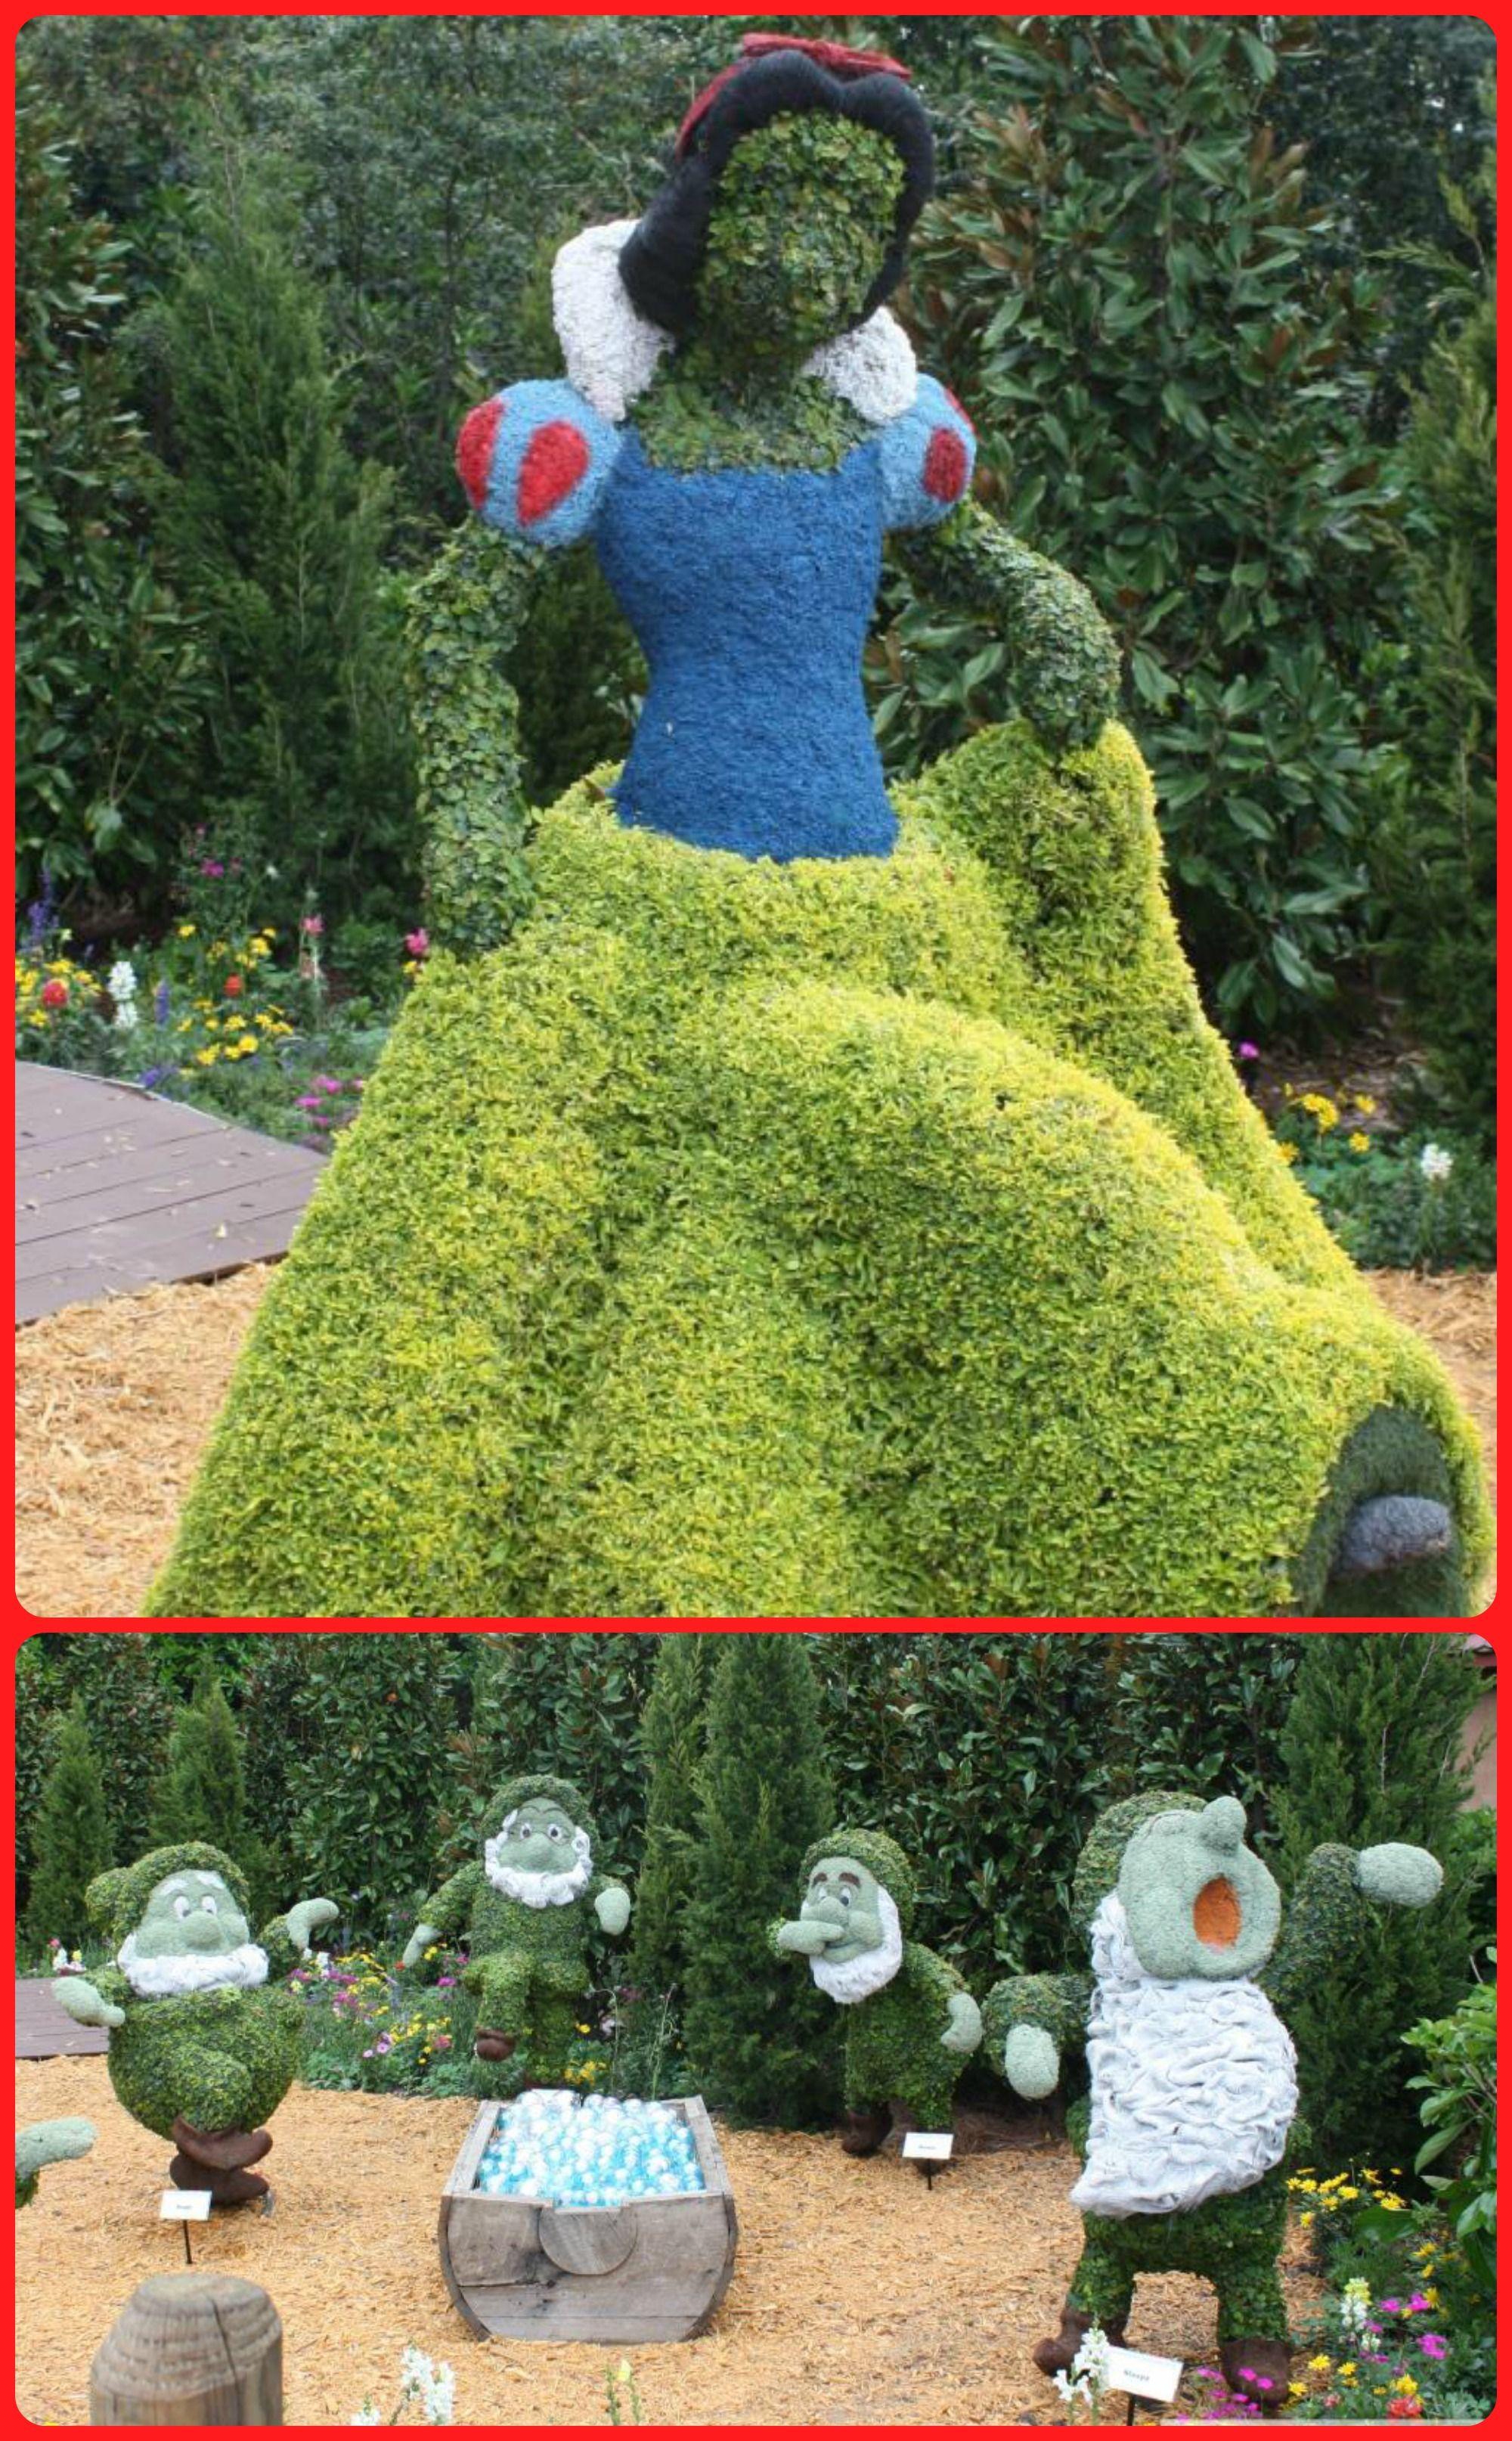 High Quality Epcot International Flower U0026 Garden Festival With Guest Ann Goodman Of @3D  Travel